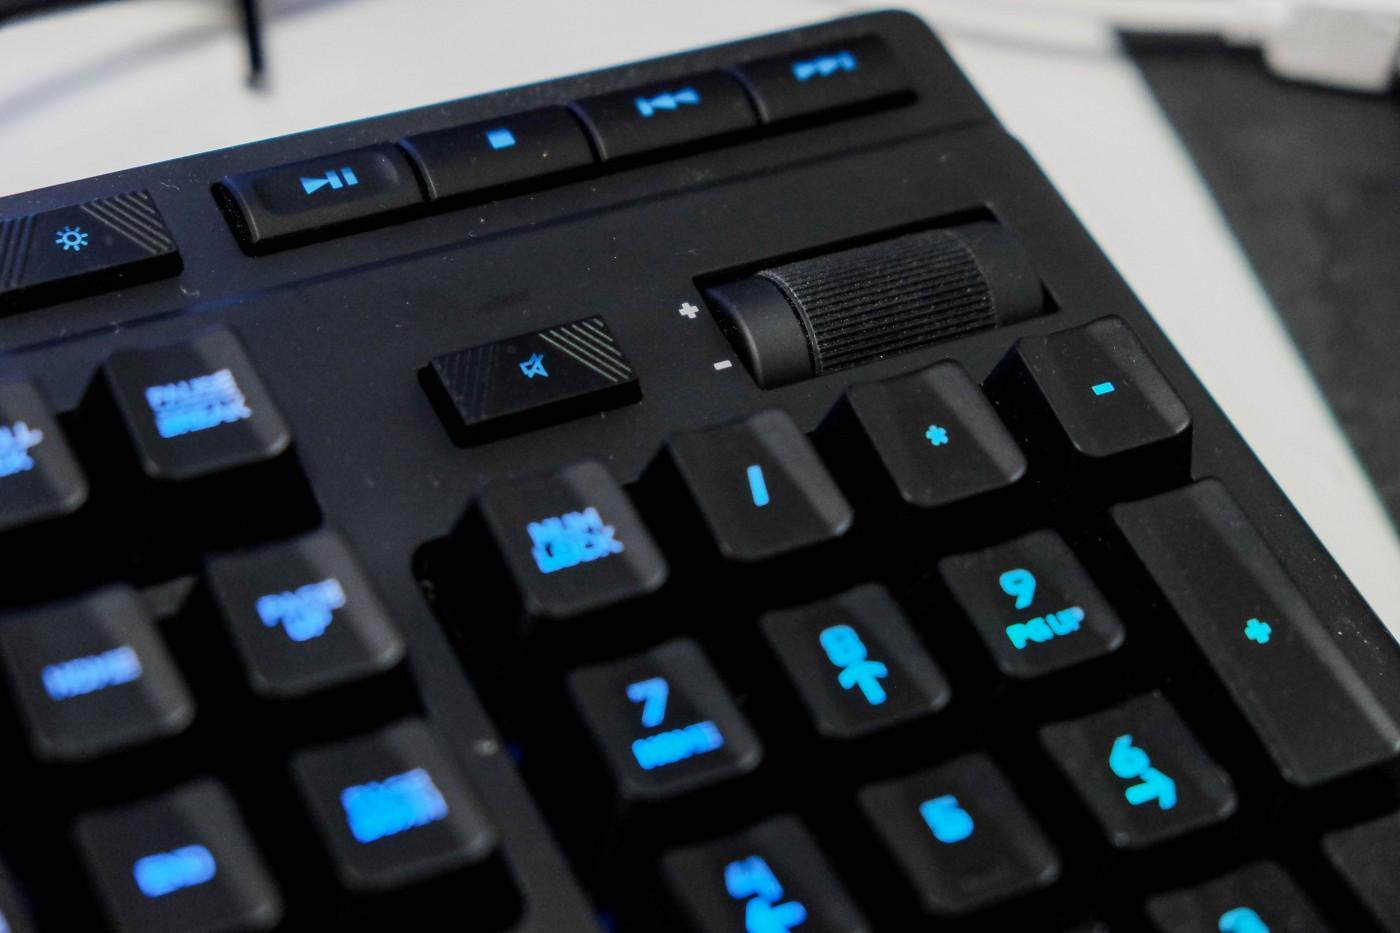 Geek Review: Logitech G910 Orion Spark Mechanical Keyboard